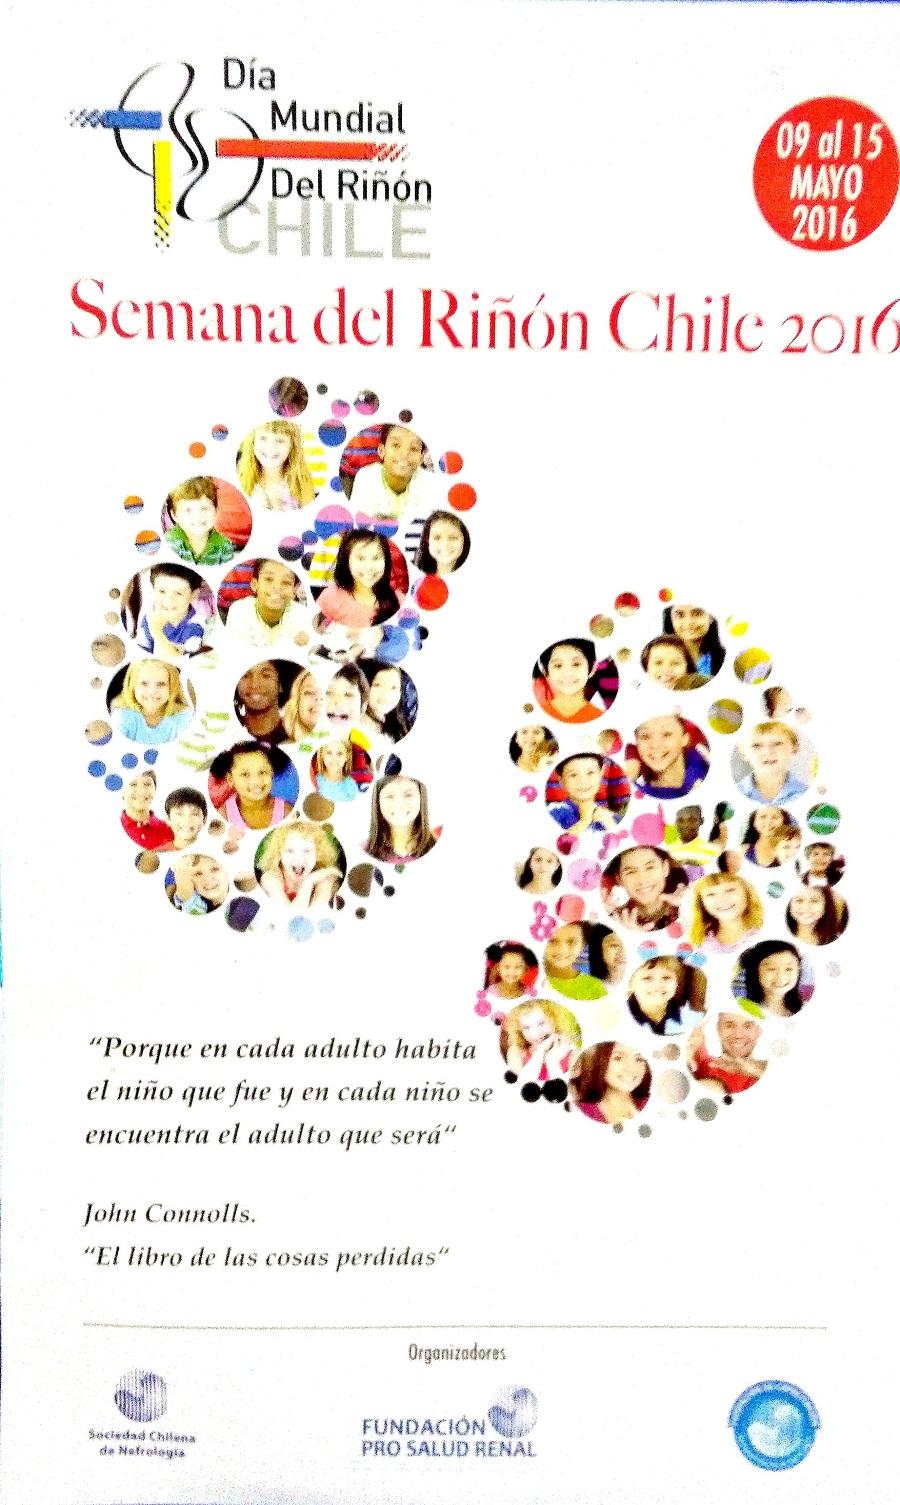 Semana del Riñón en Chile